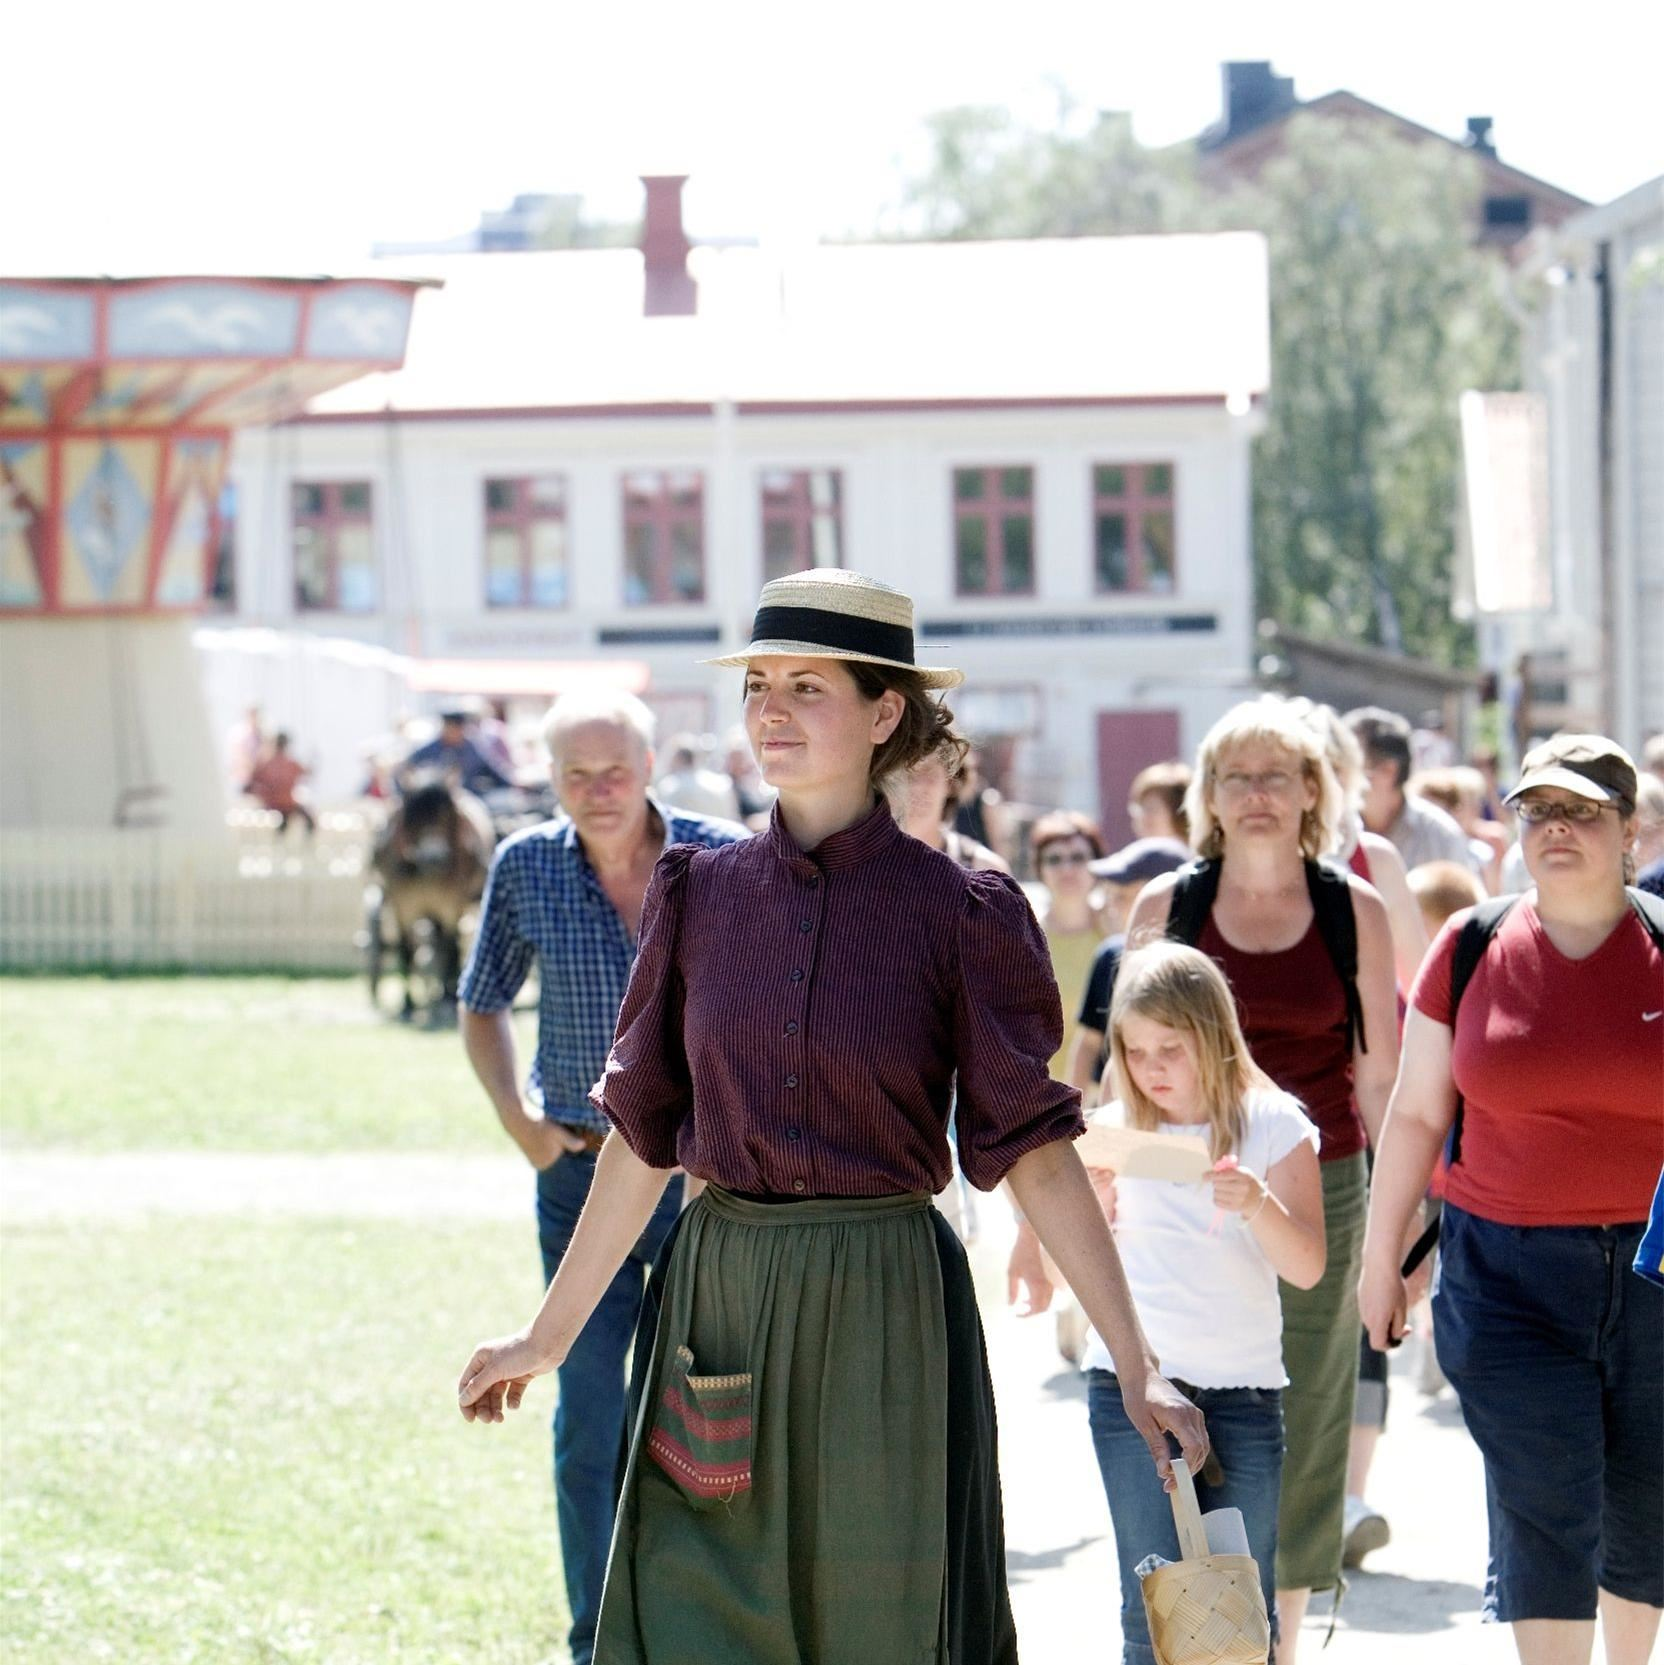 Tina Staffren,  © Turist- & Kongressbyrån i Östersund/Tina Stafrén, Jamtli